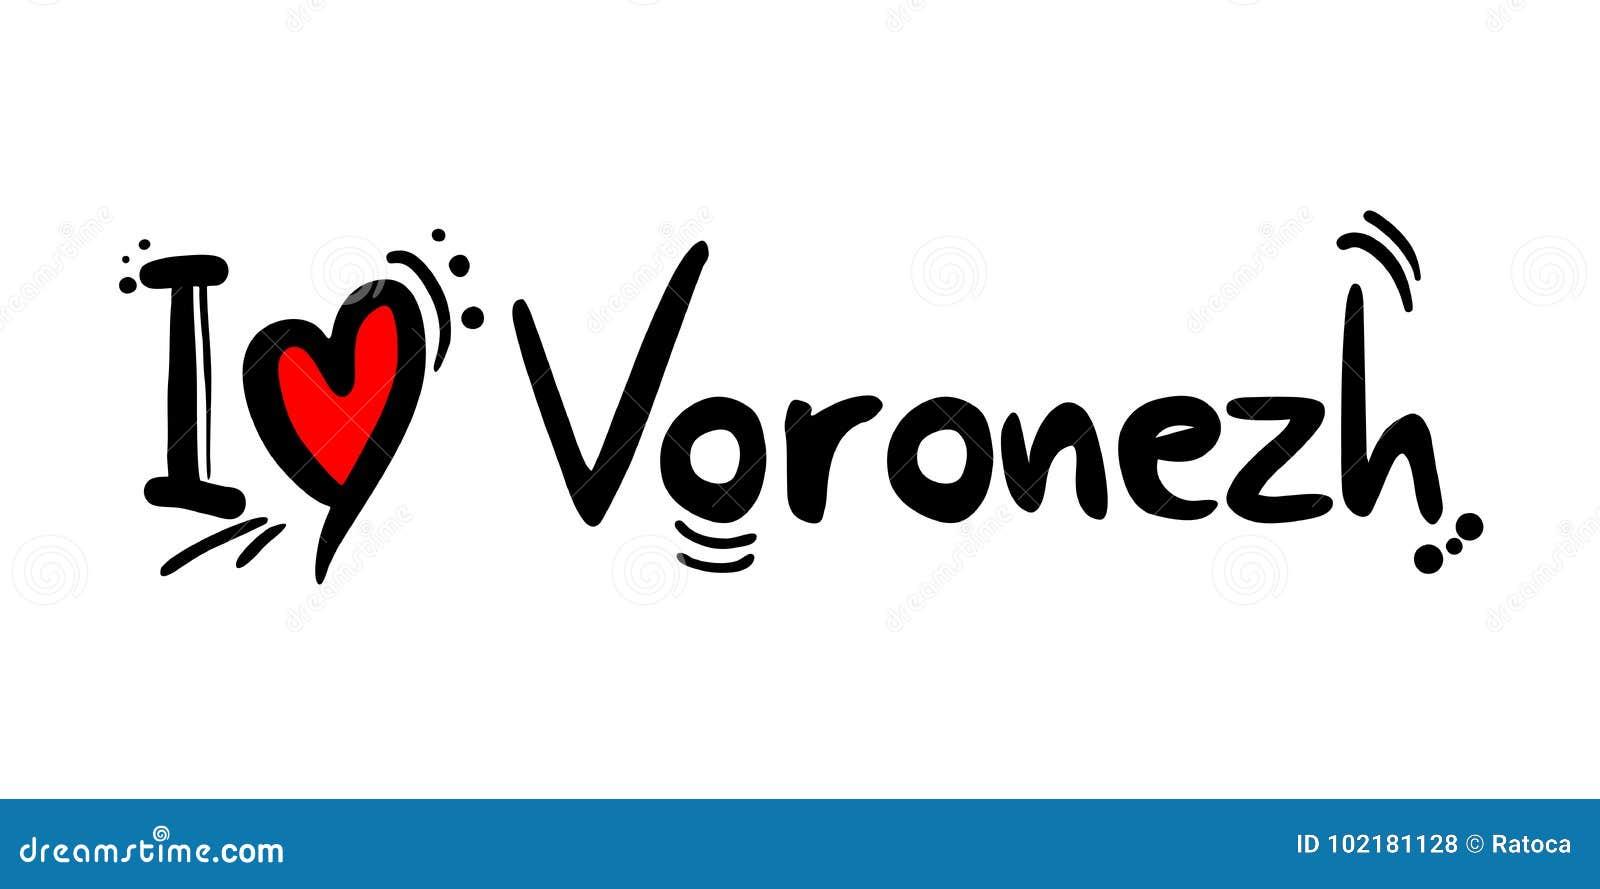 Love voronezh http одноклассники моя страница